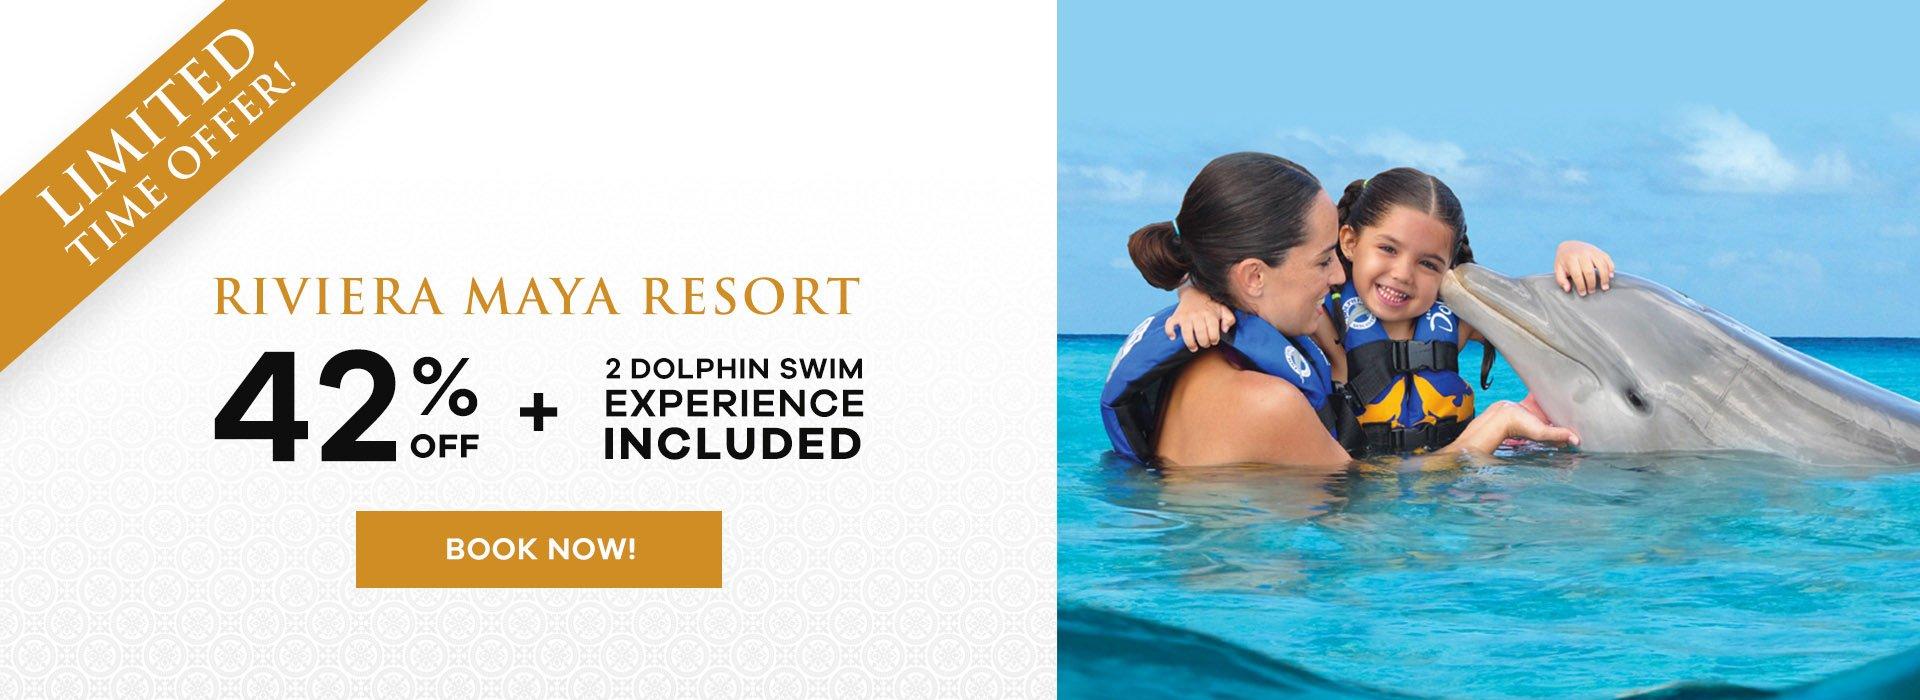 Riviera Maya Vacation Special Offer